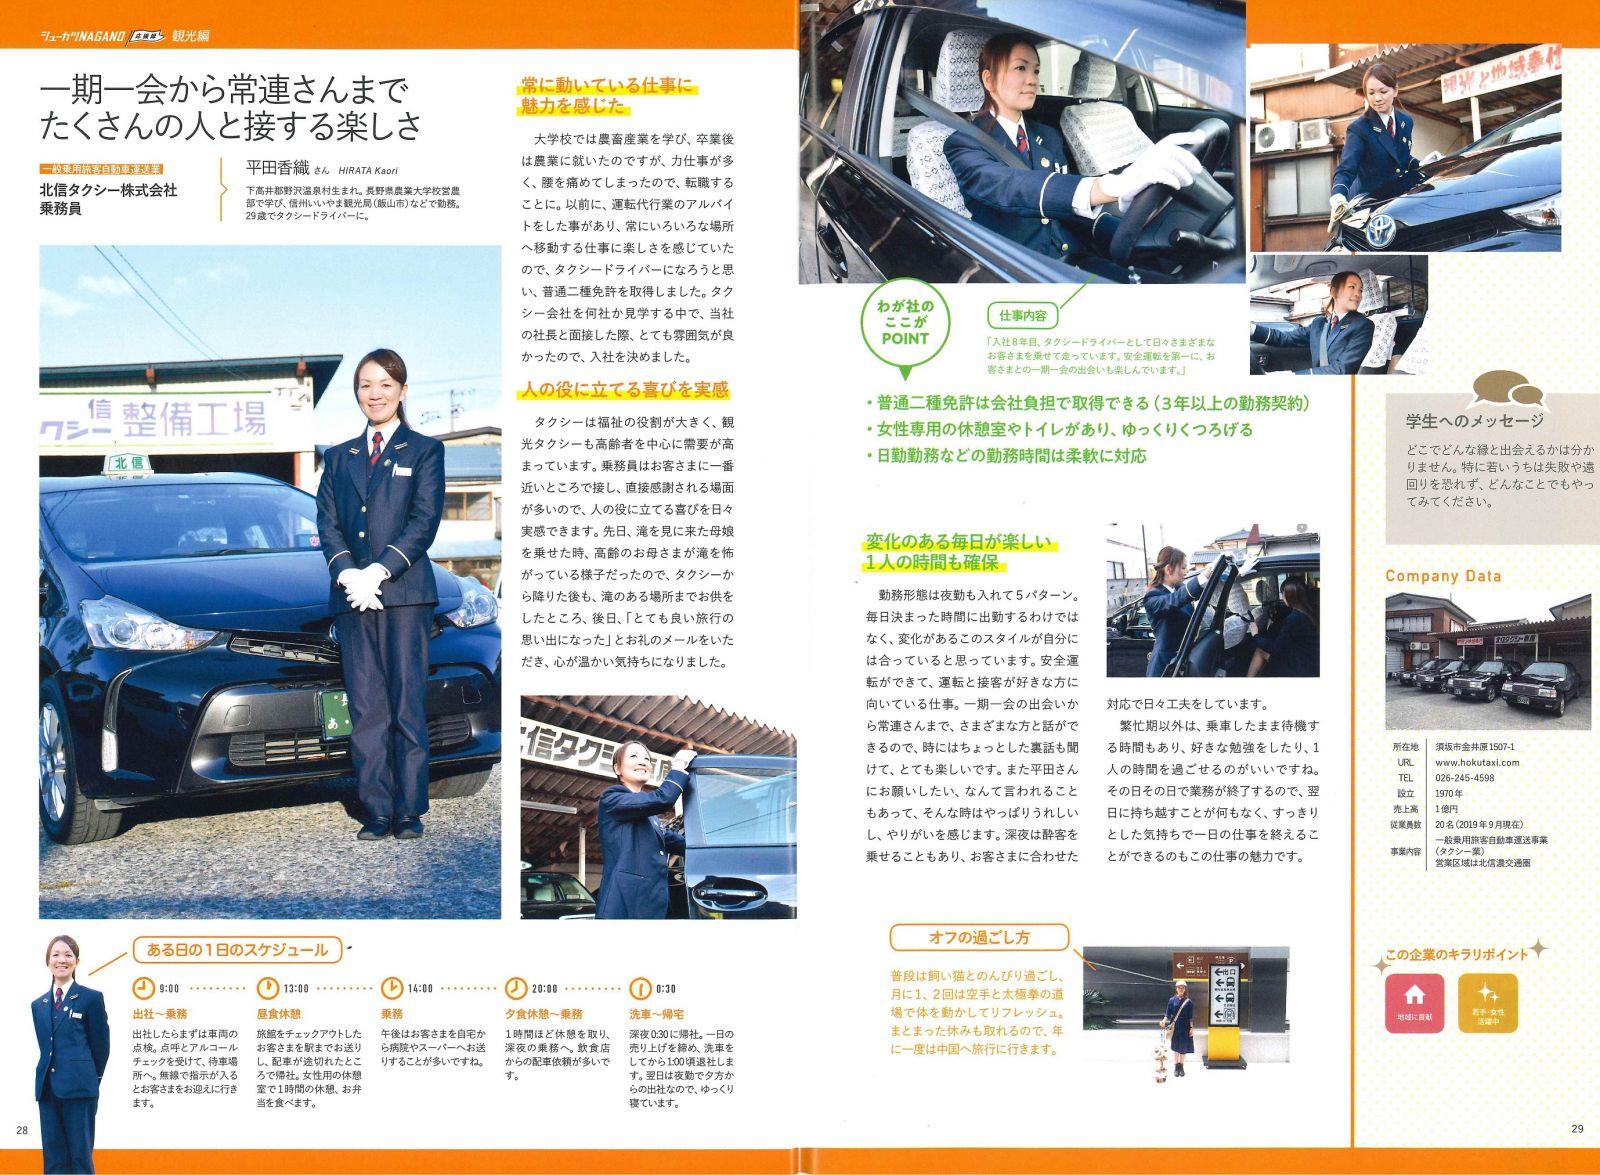 長野 タクシー 転職